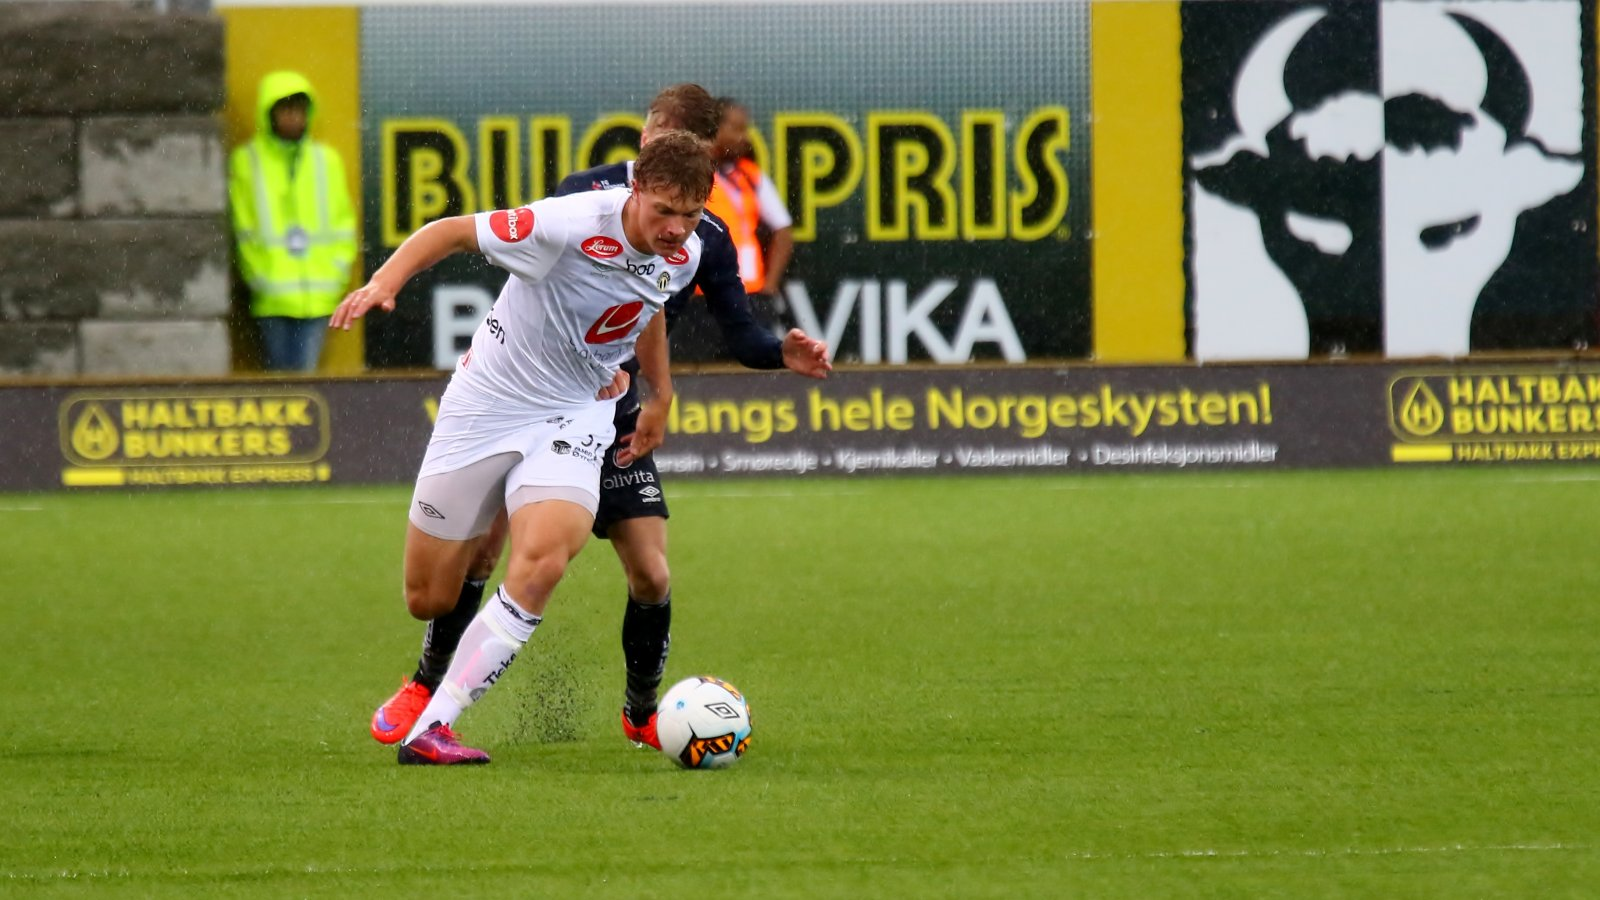 Sterk som ein bjørn! Ulrik Fredriksen har imponert. Her mot Kristiansund.